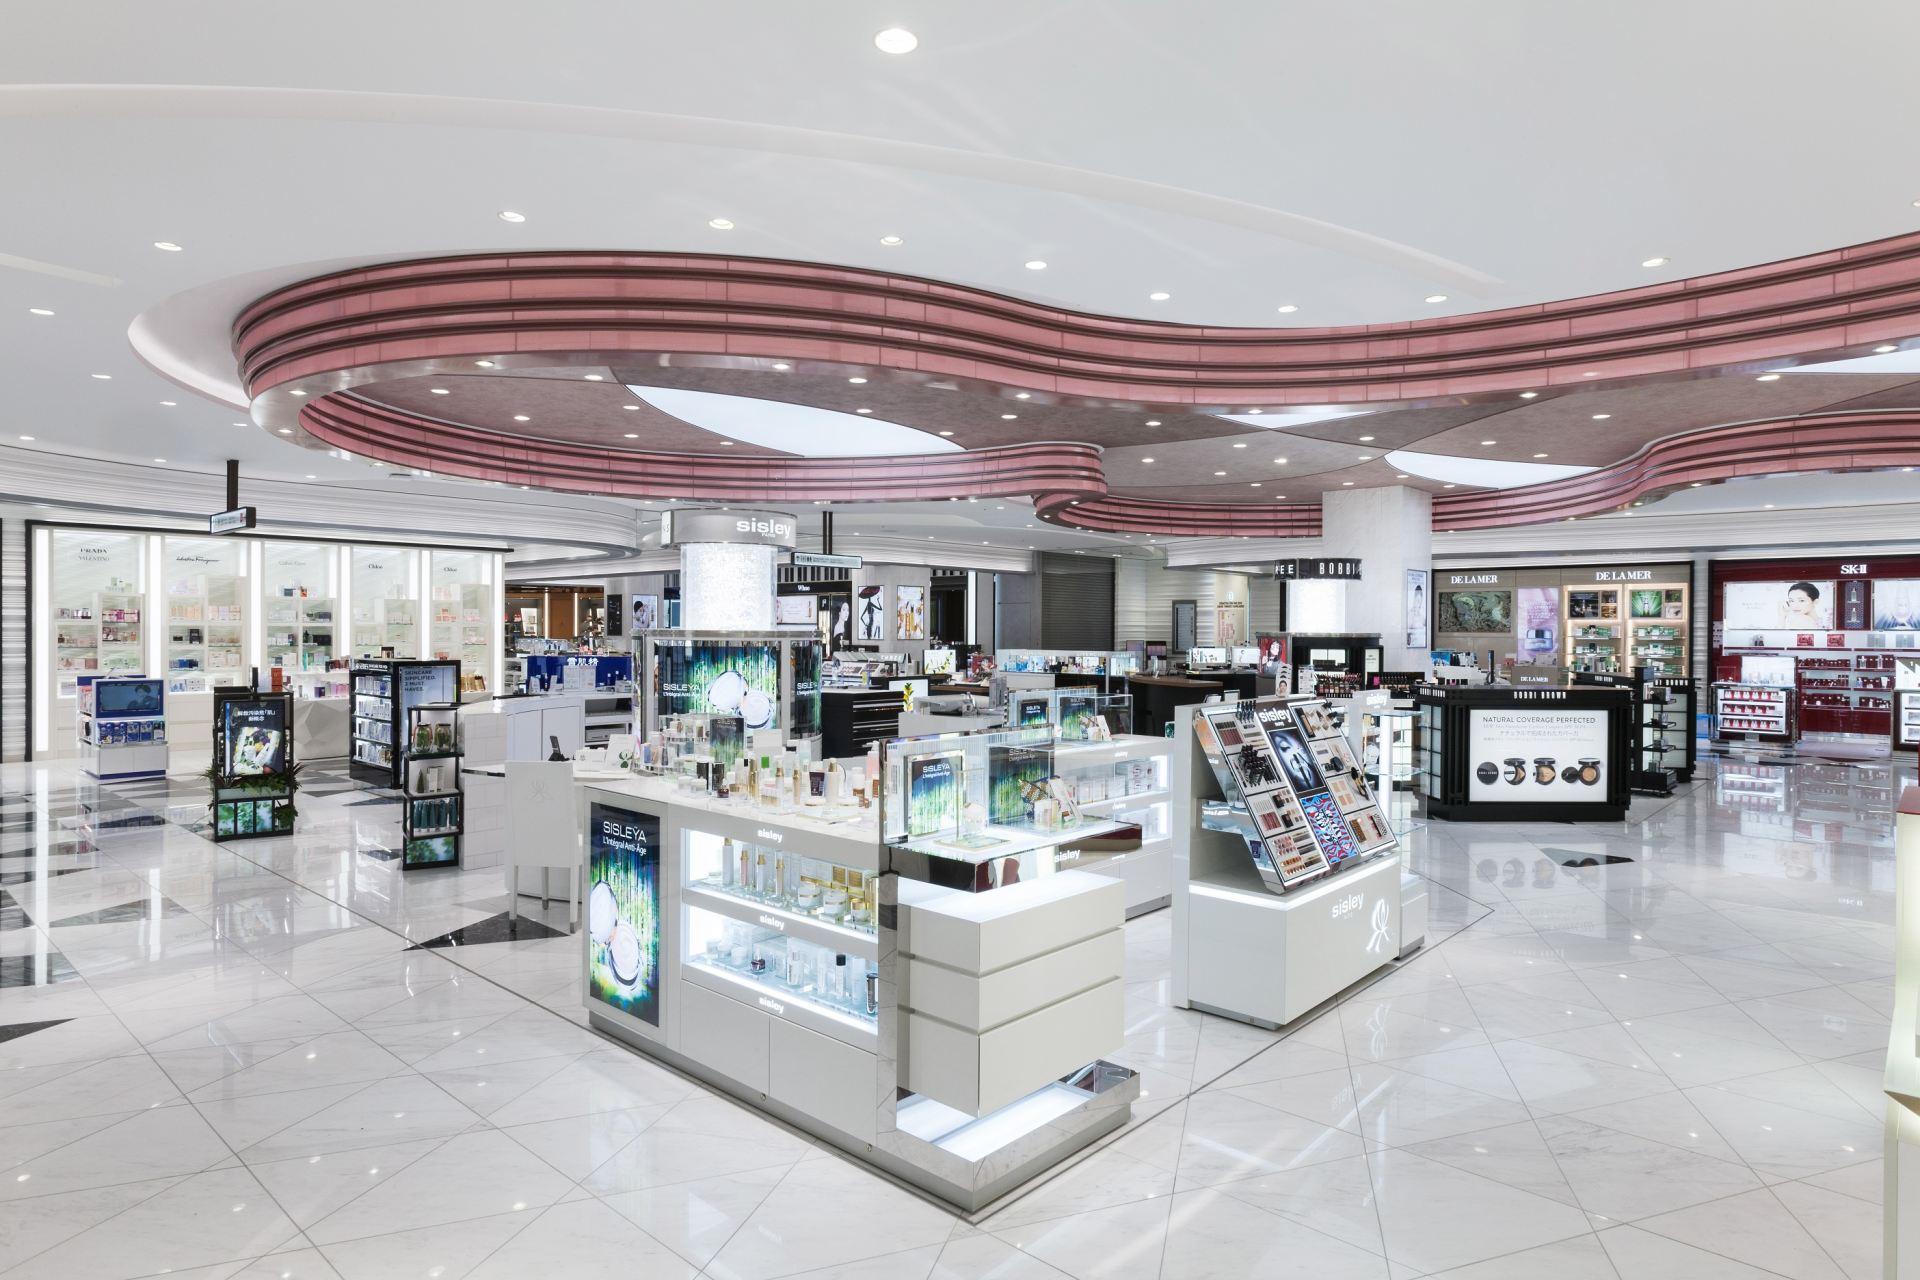 樂天免稅店銀座位於銀座東急購物廣場的8樓和9樓